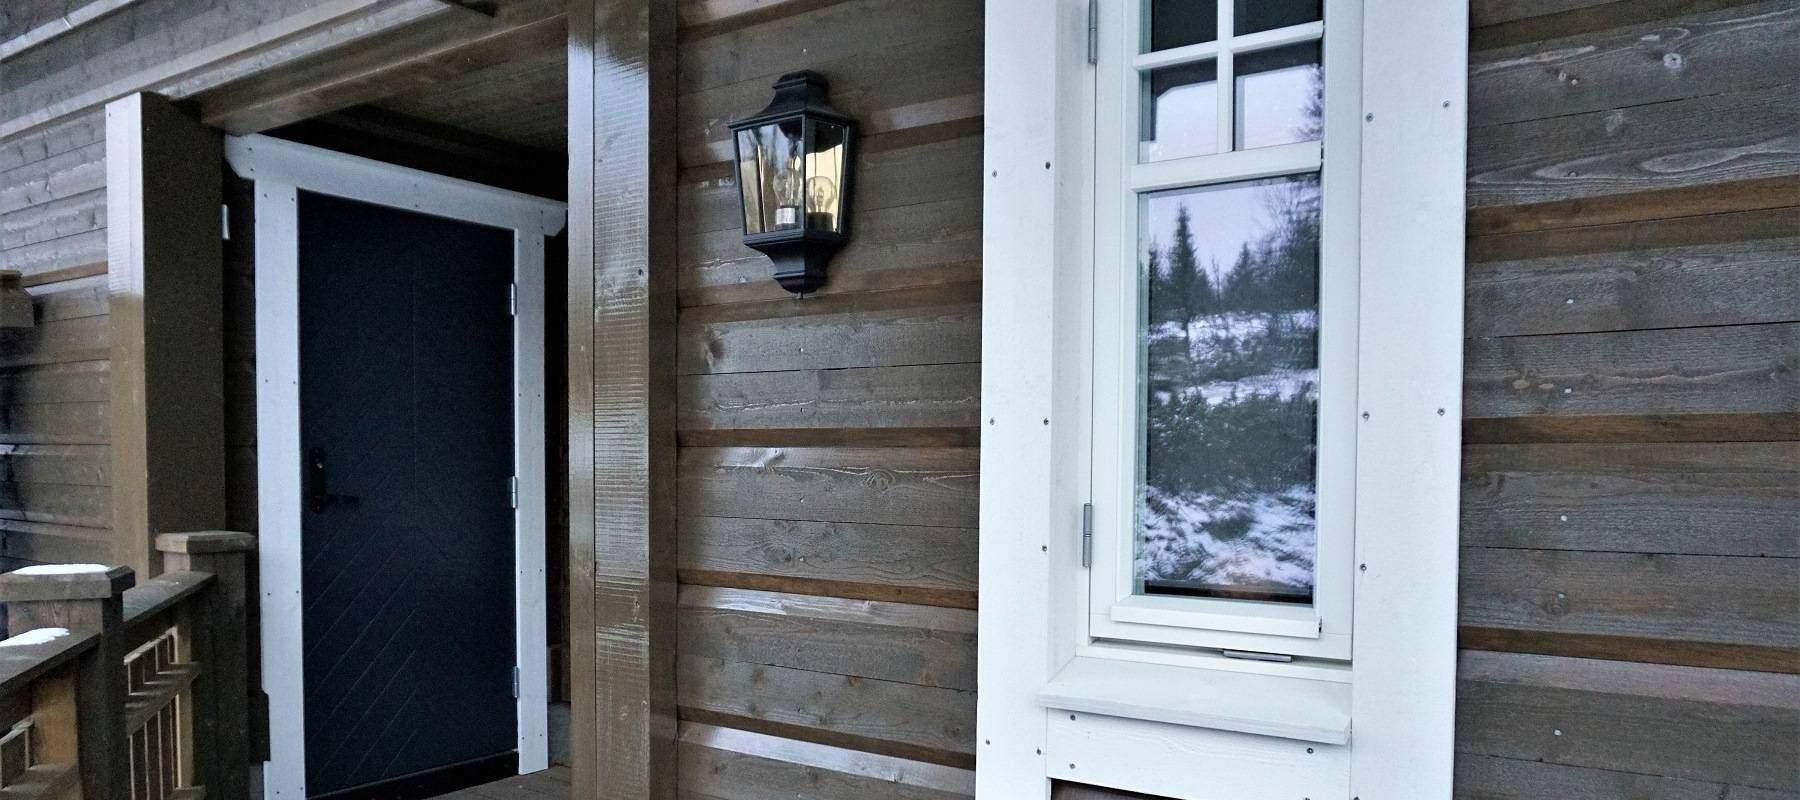 69 Hytteleverandor – Tiurtoppen Hytter Inspirasjon hytte pa Gålå